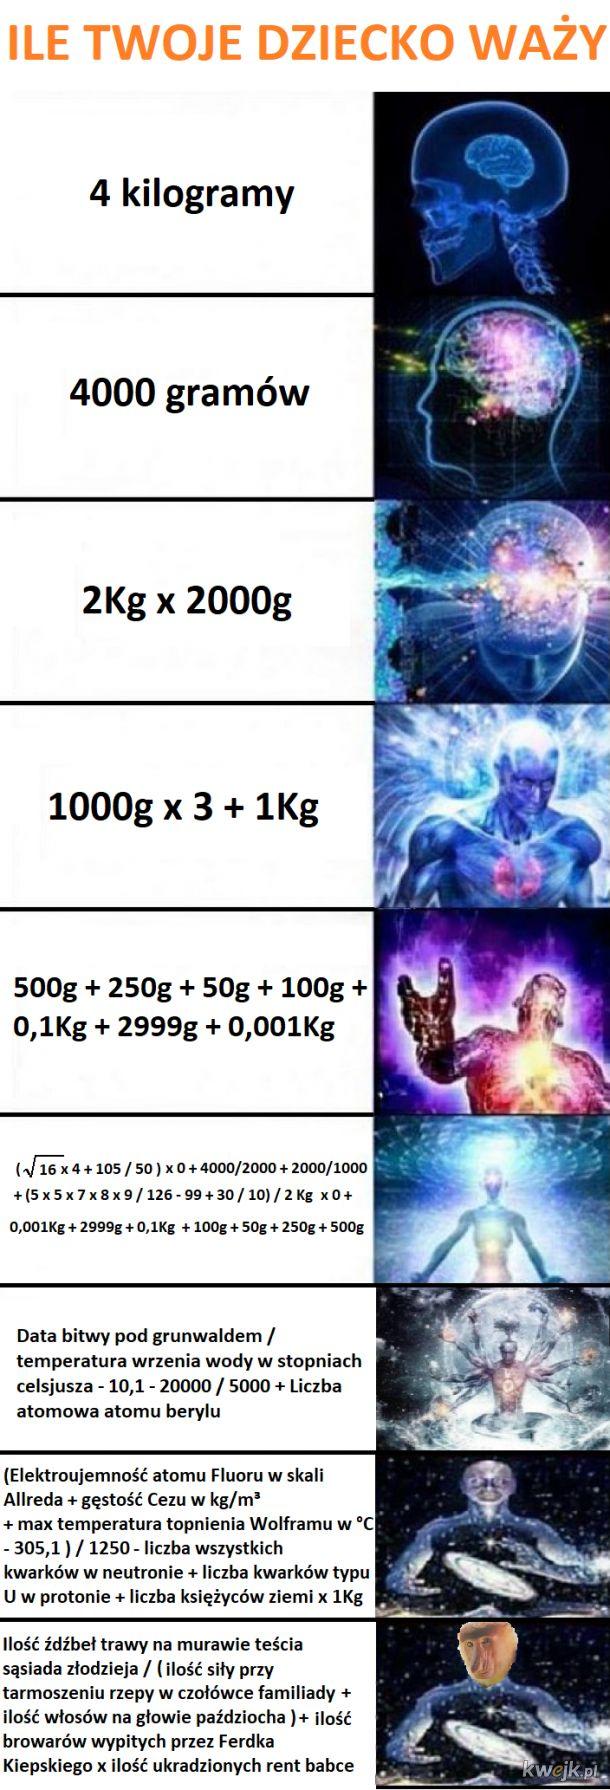 Ile twoje dziecko waży